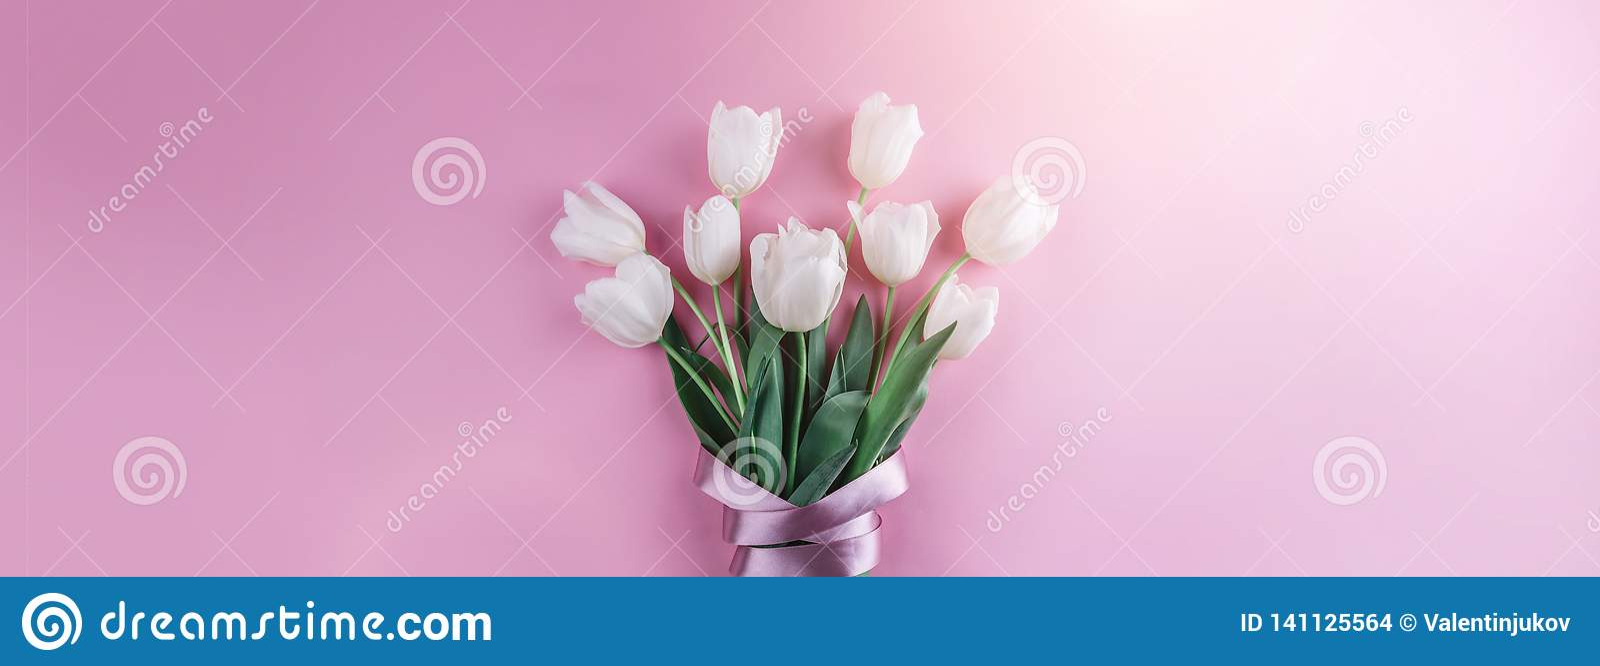 Boeket van witte tulpenbloemen op roze achtergrond Kaart voor Moedersdag, 8 Maart, Gelukkige Pasen Het wachten op de lente